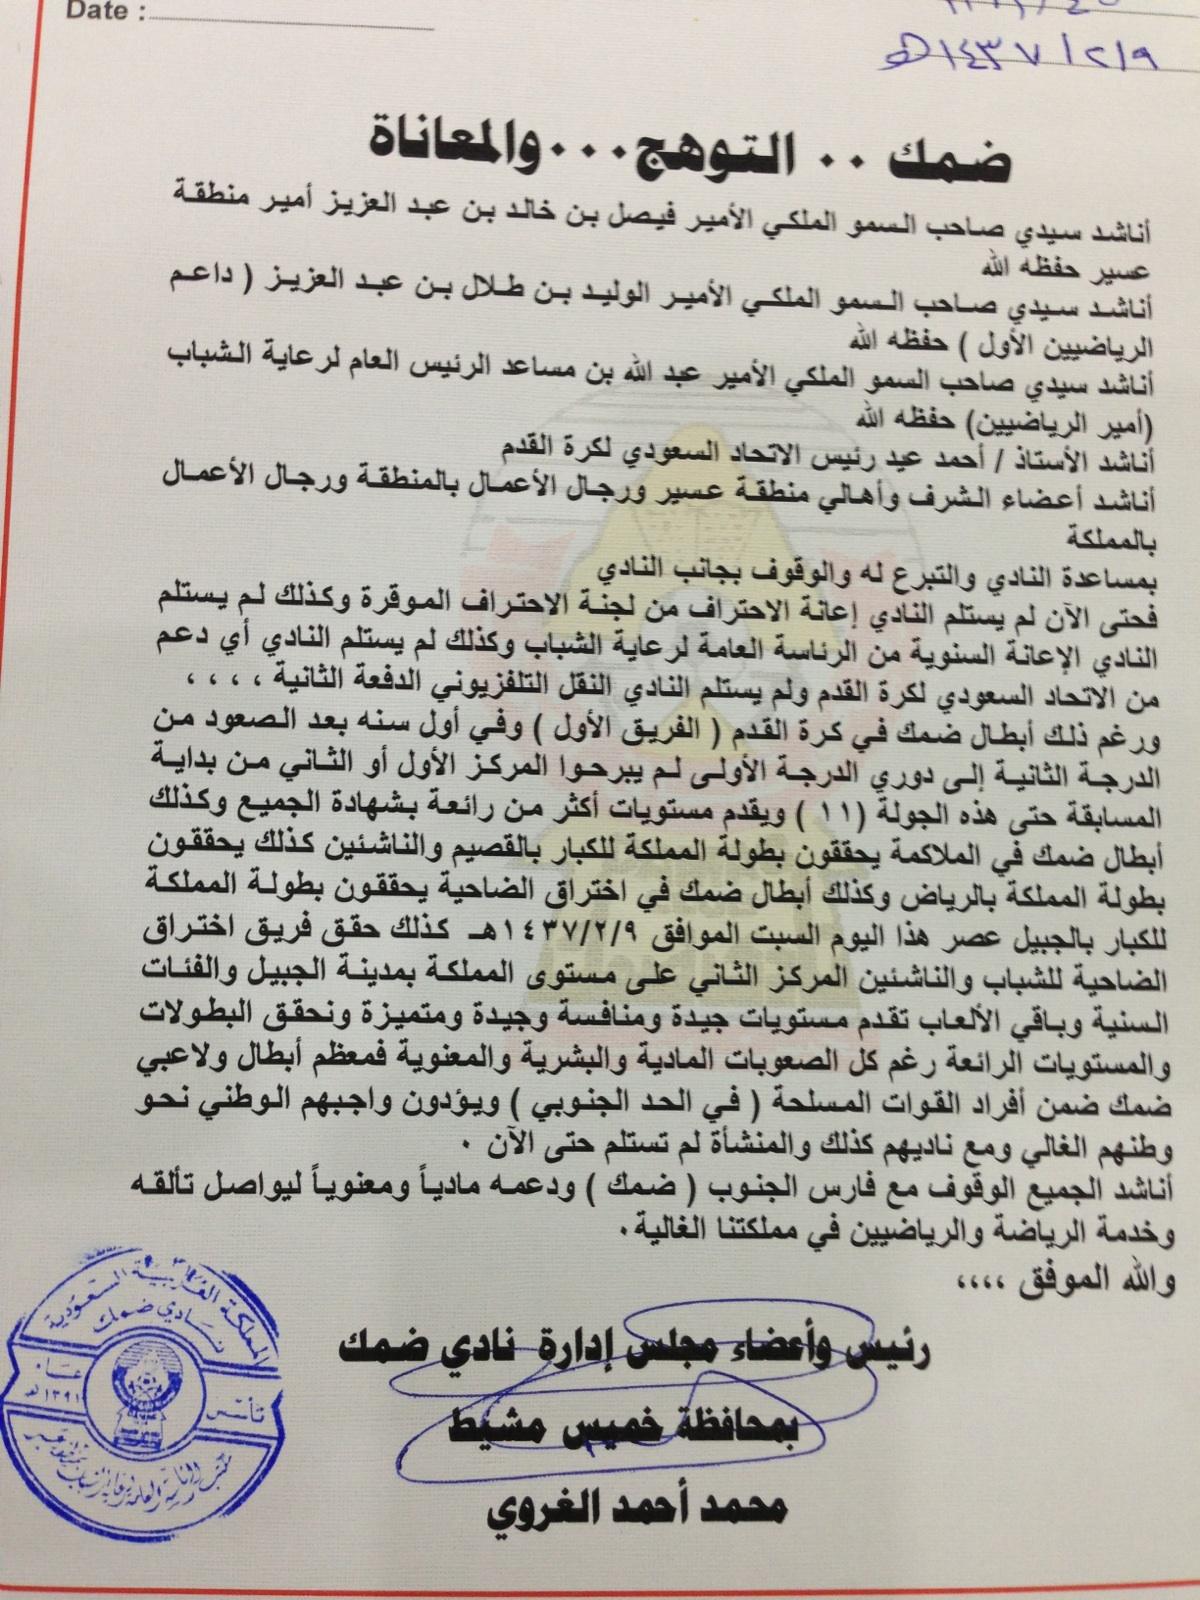 نادي ضمك يصدر بيانًا يناشد فيه الدعم وإنقاذه من أزمته المادية الخانقة